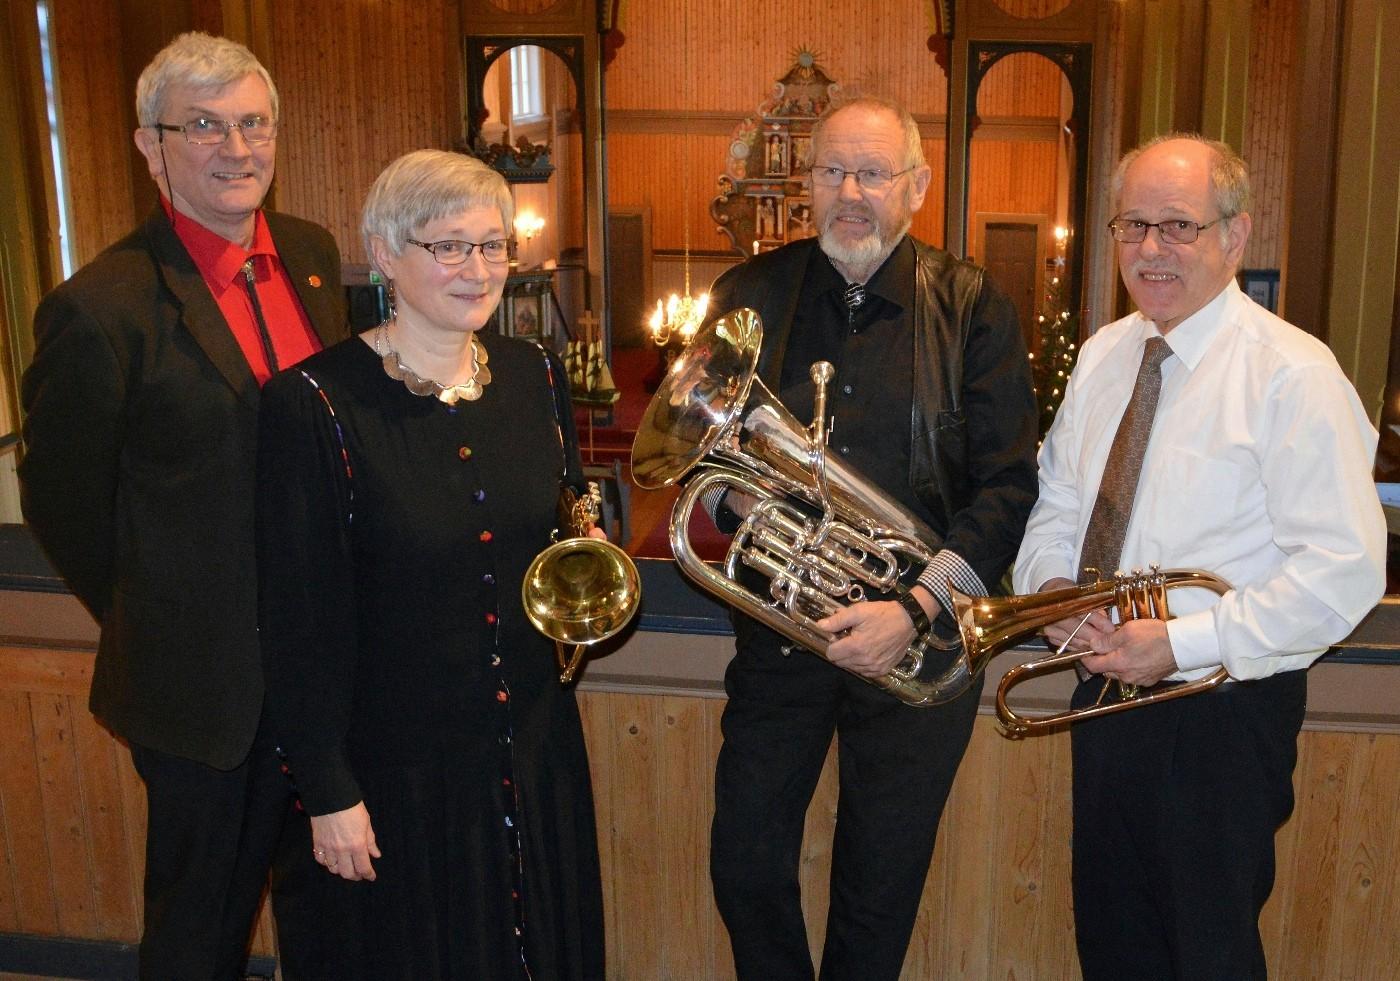 Fire av dei i alt ti som byr på «Drømmekonsert» - her ved eit tidlegare høve i Stangvik kyrkje. Frå venstre Bjørn Stomsvik, Eli Berg, Sigfred Gravvold og Erik Berg.